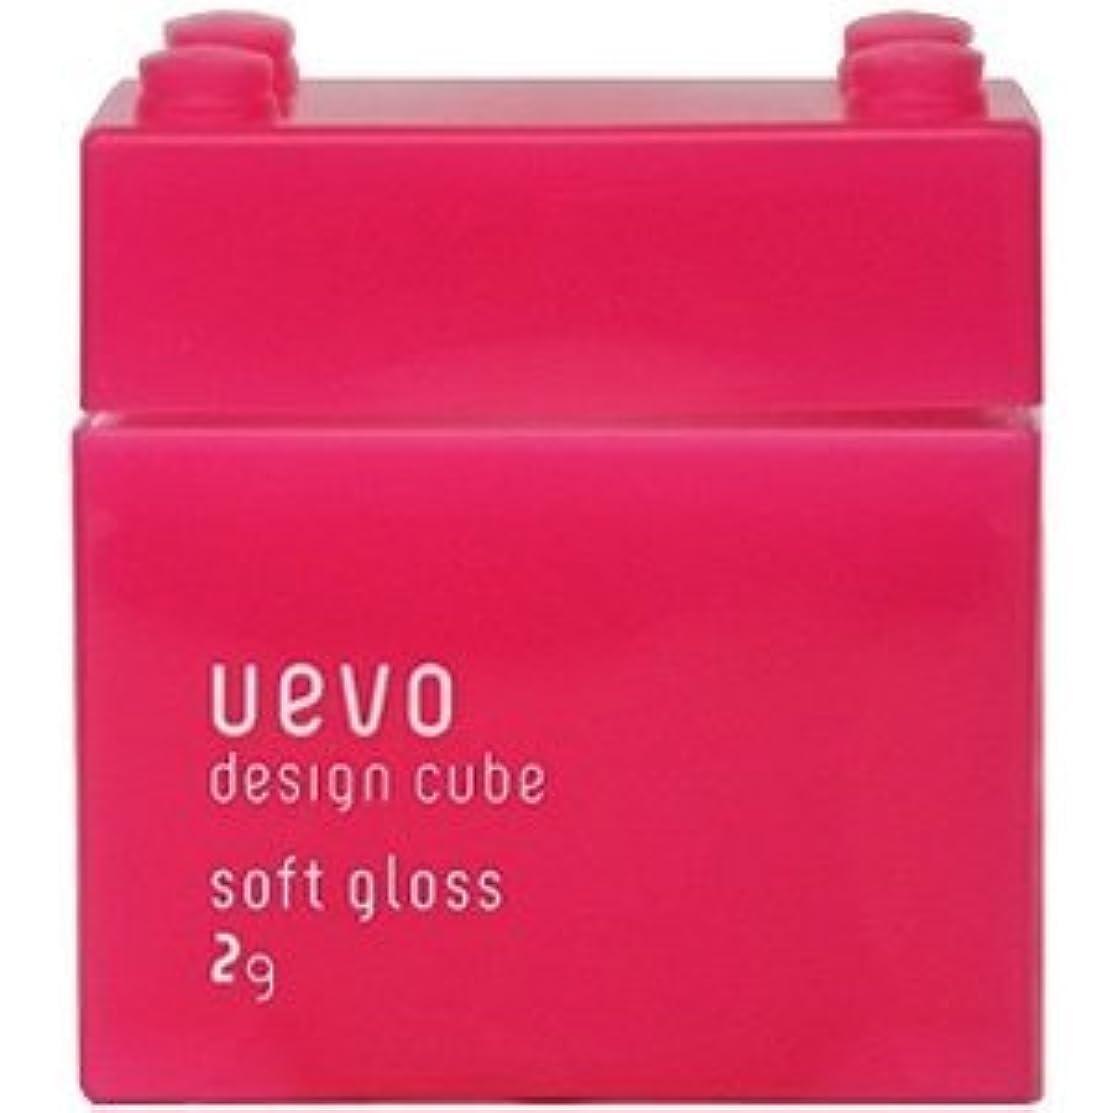 頭蓋骨緊張する太平洋諸島【X3個セット】 デミ ウェーボ デザインキューブ ソフトグロス 80g soft gloss DEMI uevo design cube